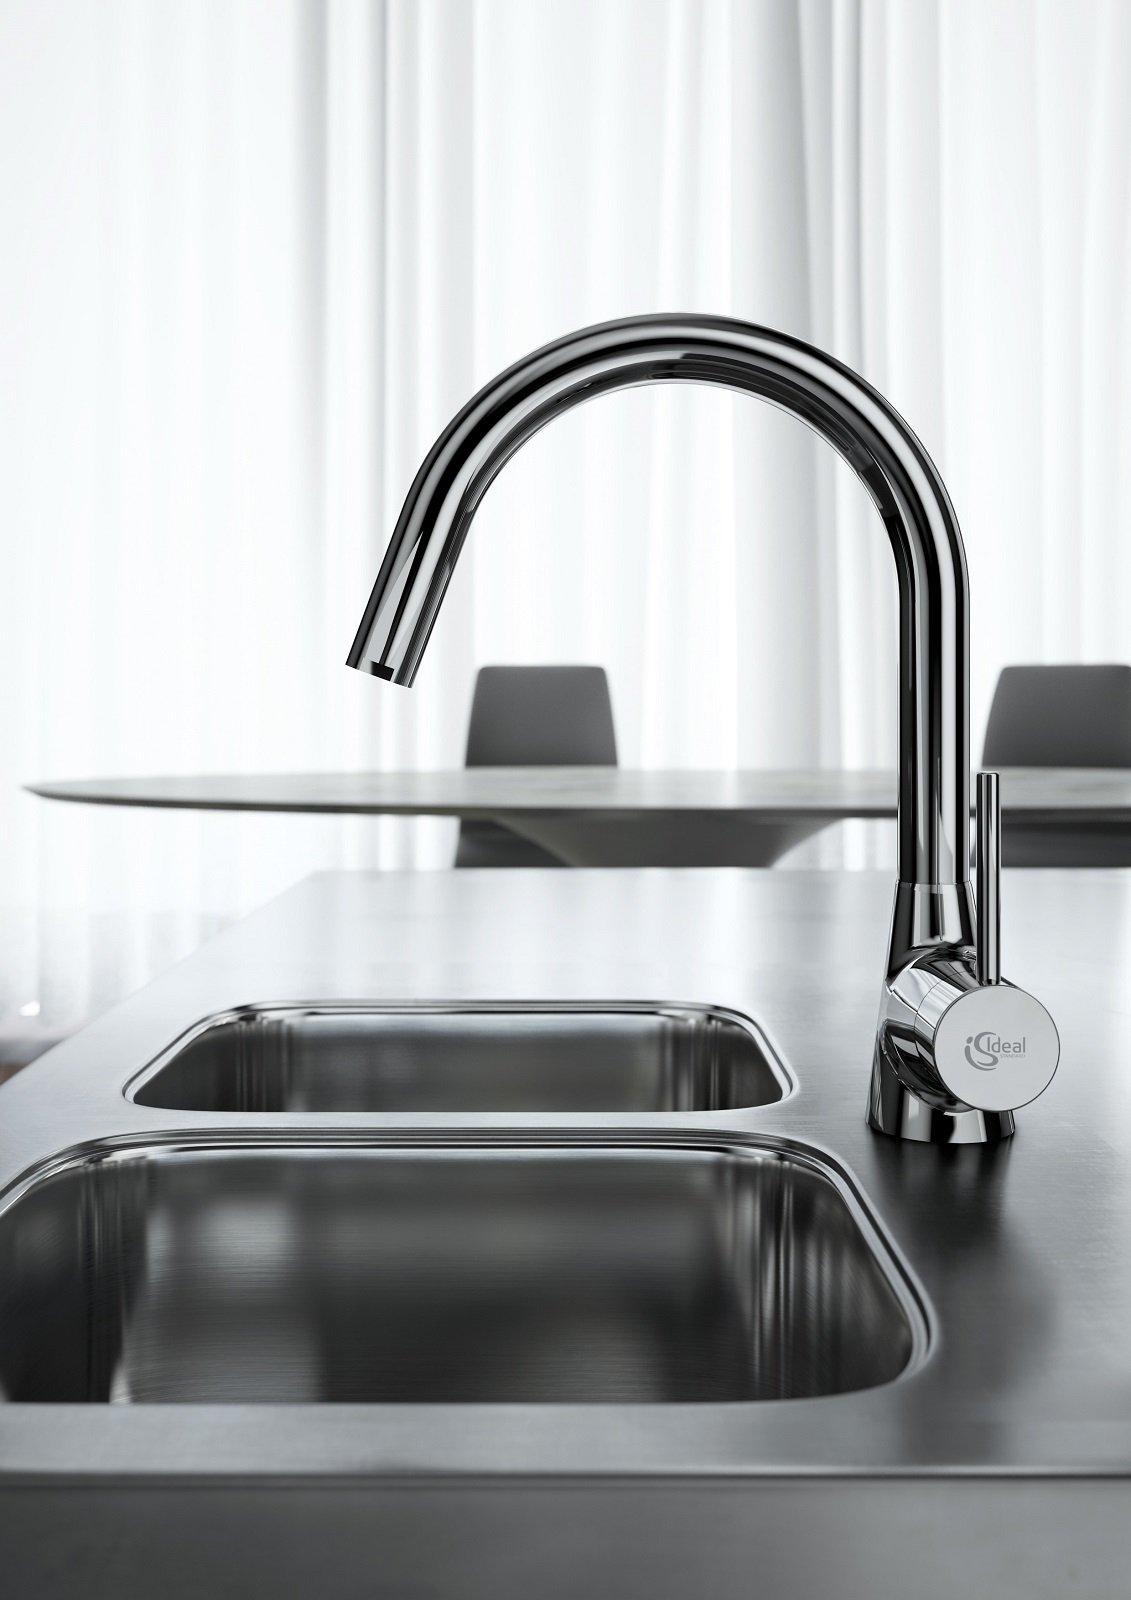 miscelatori per la cucina per risparmiare acqua - tapatalk - Miscelatori Cucina Grohe Prezzi